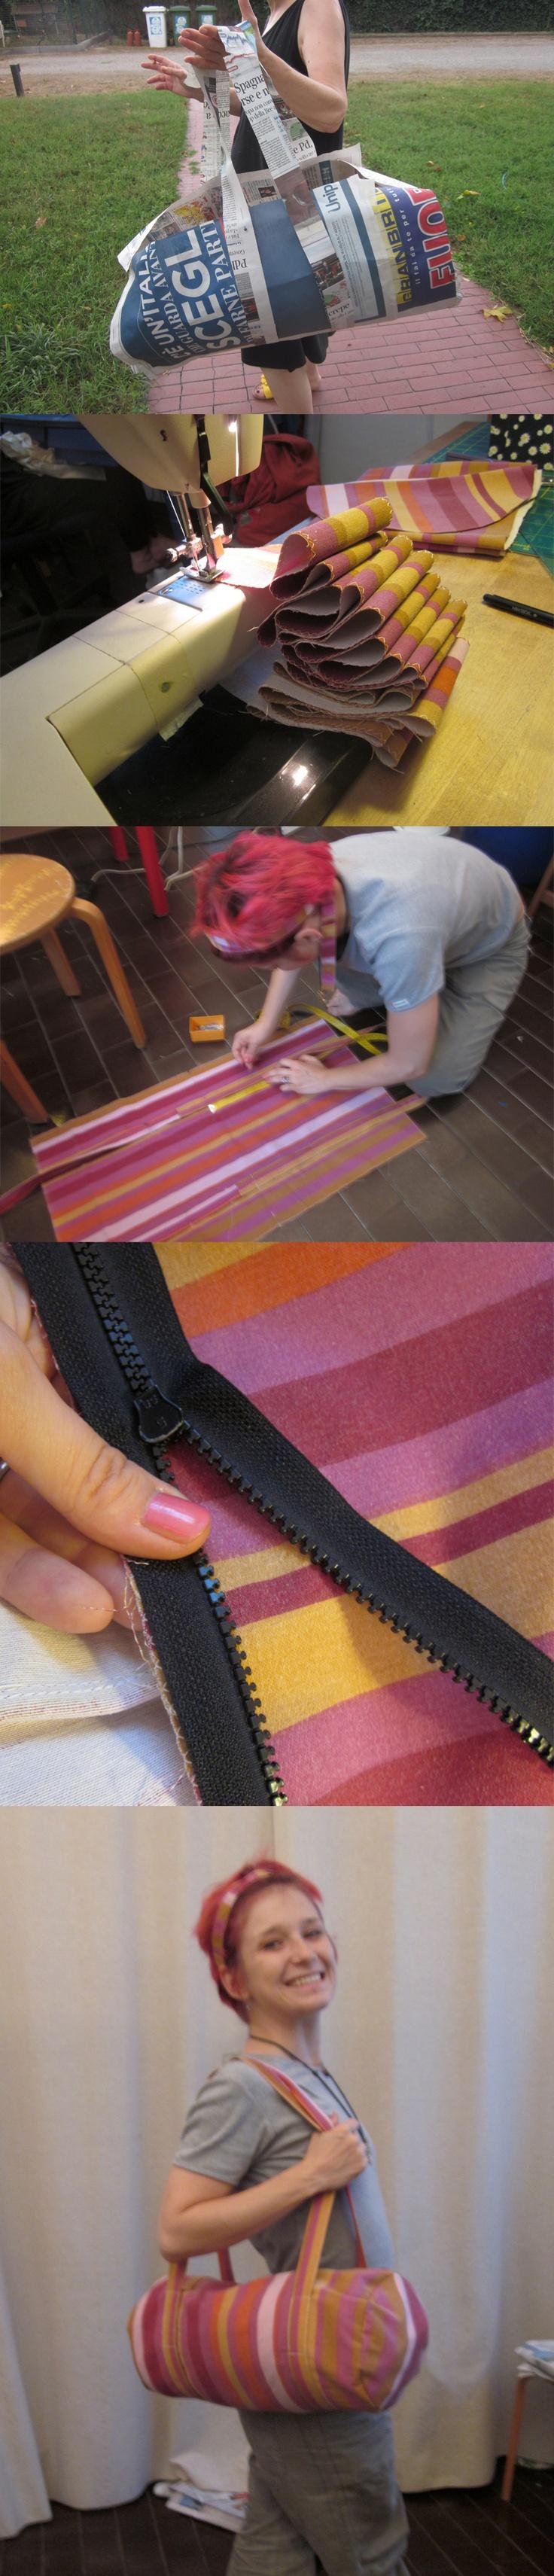 http://www.vitaimpatto1.org/2012/07/22/storia-di-una-borsa-da-palestra-2/